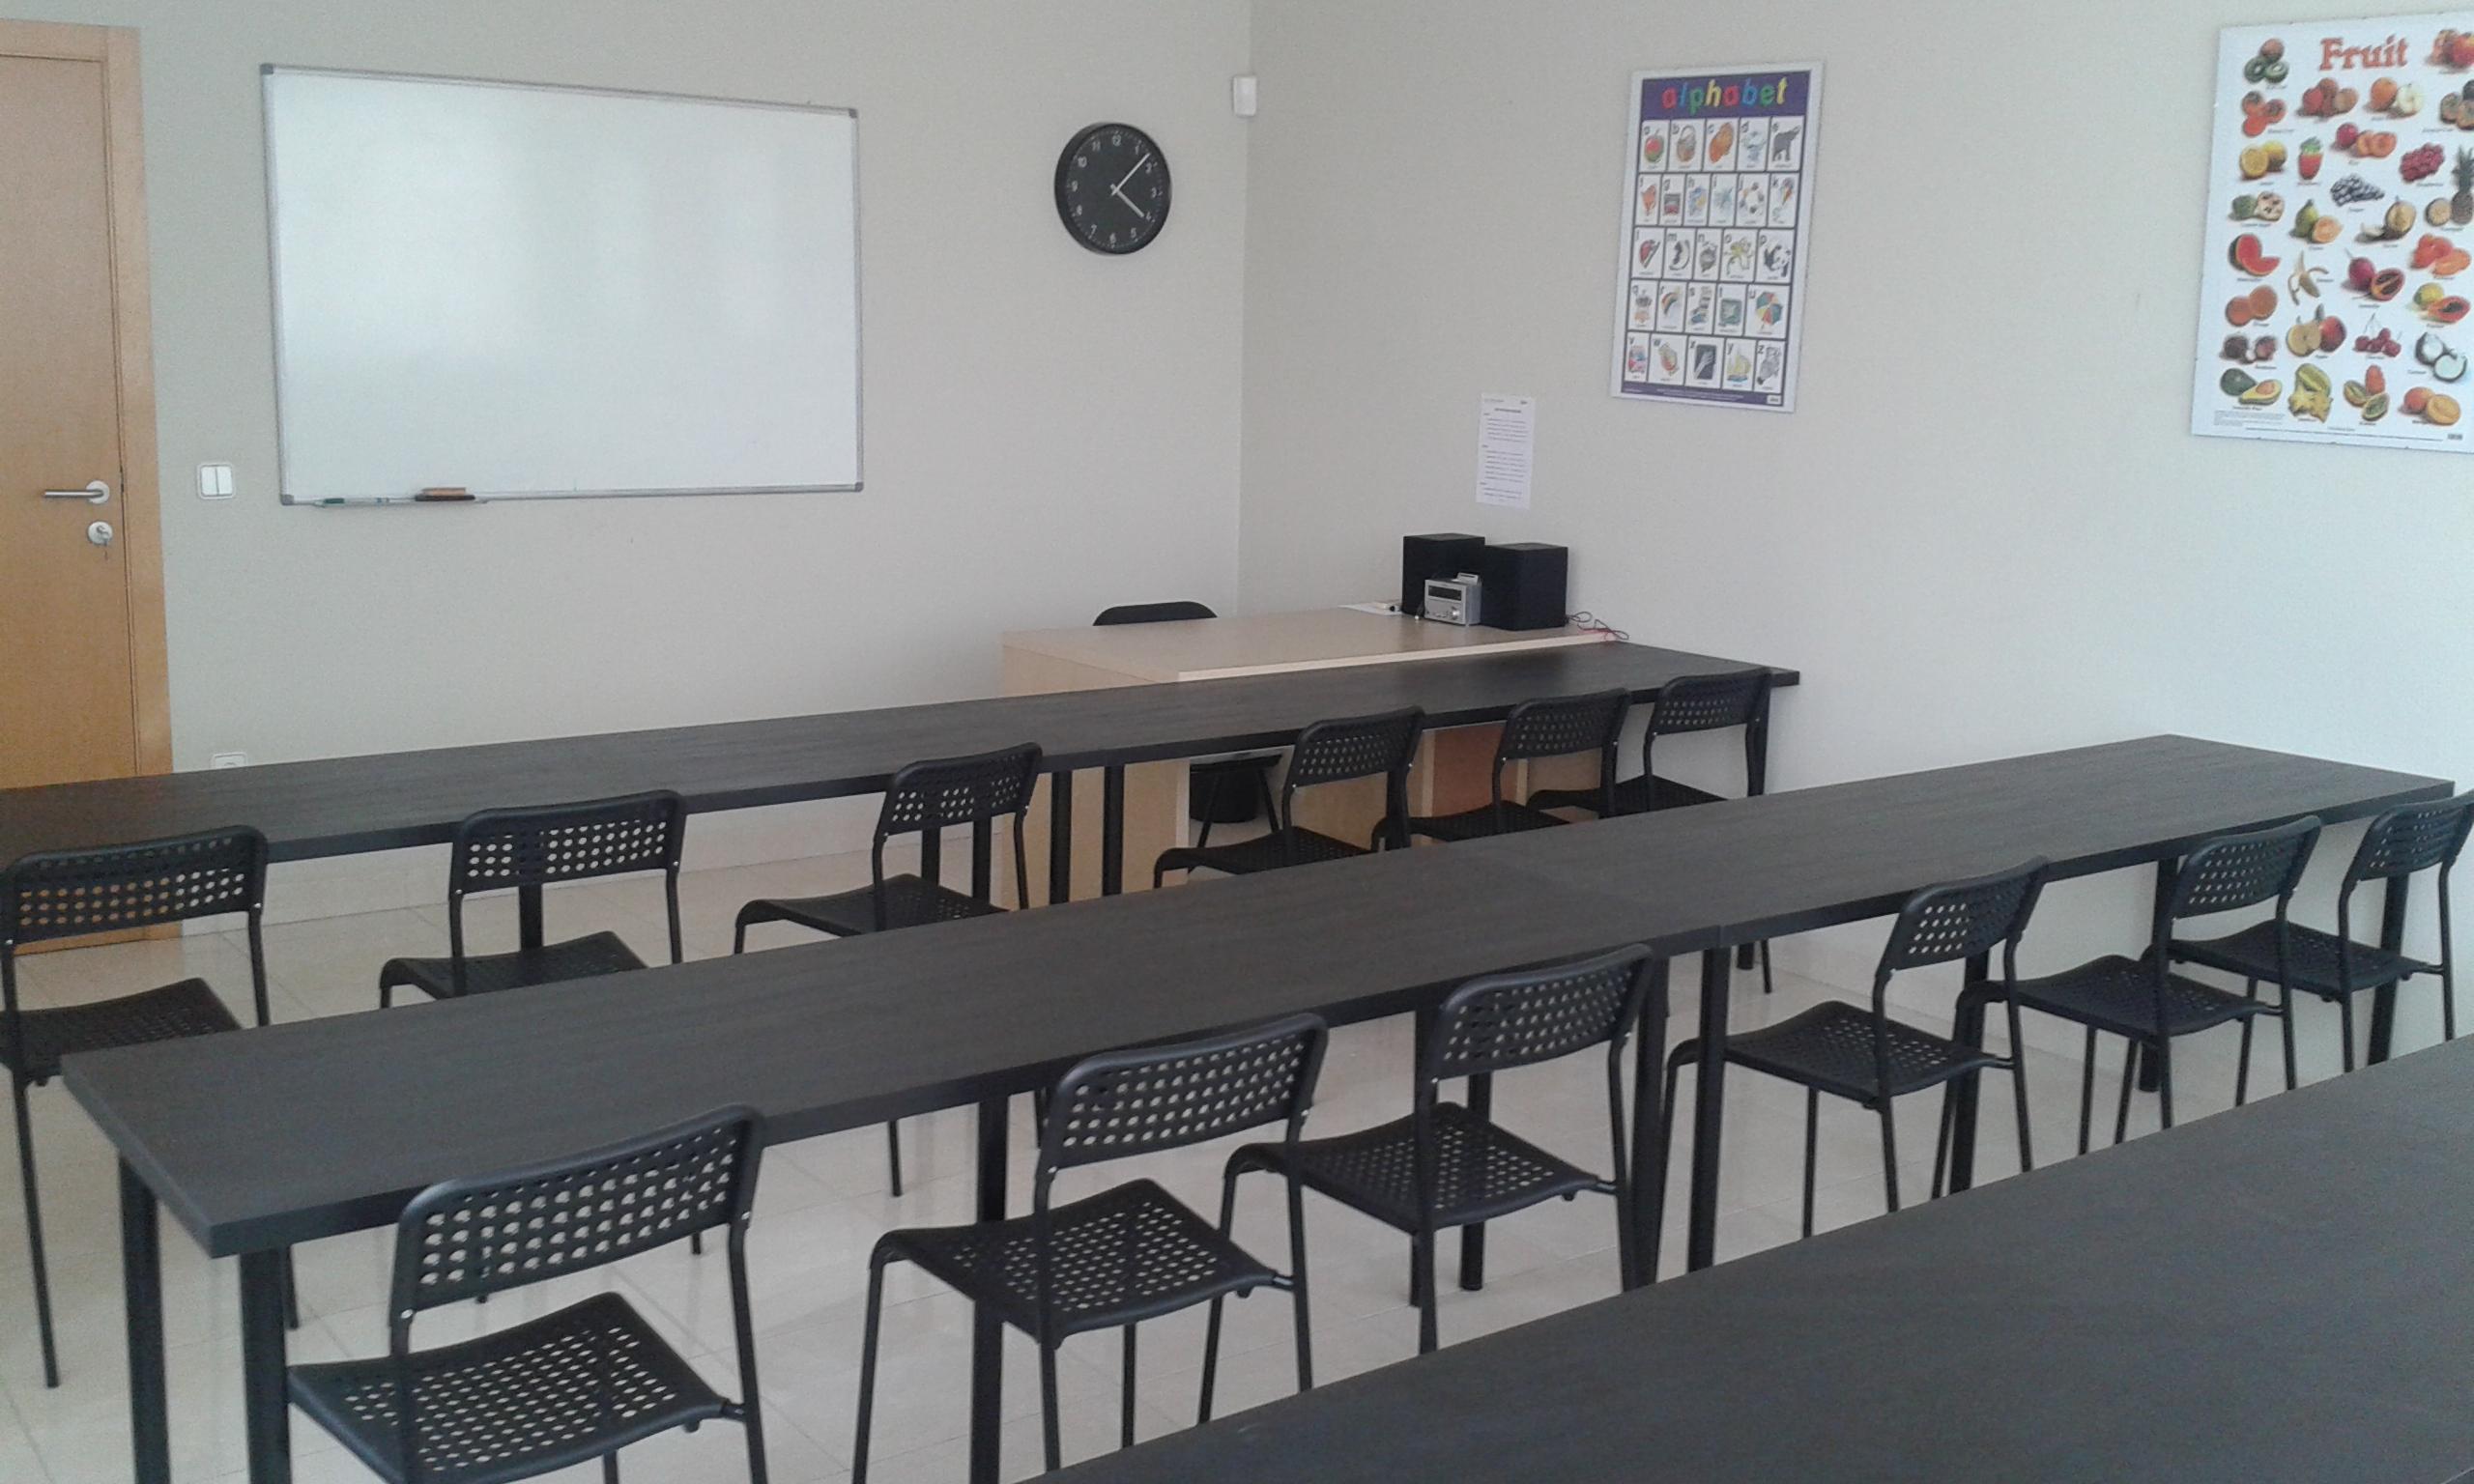 EL BRÚFOL, ESPAI DE CREACIÓ I EDUCACIÓ